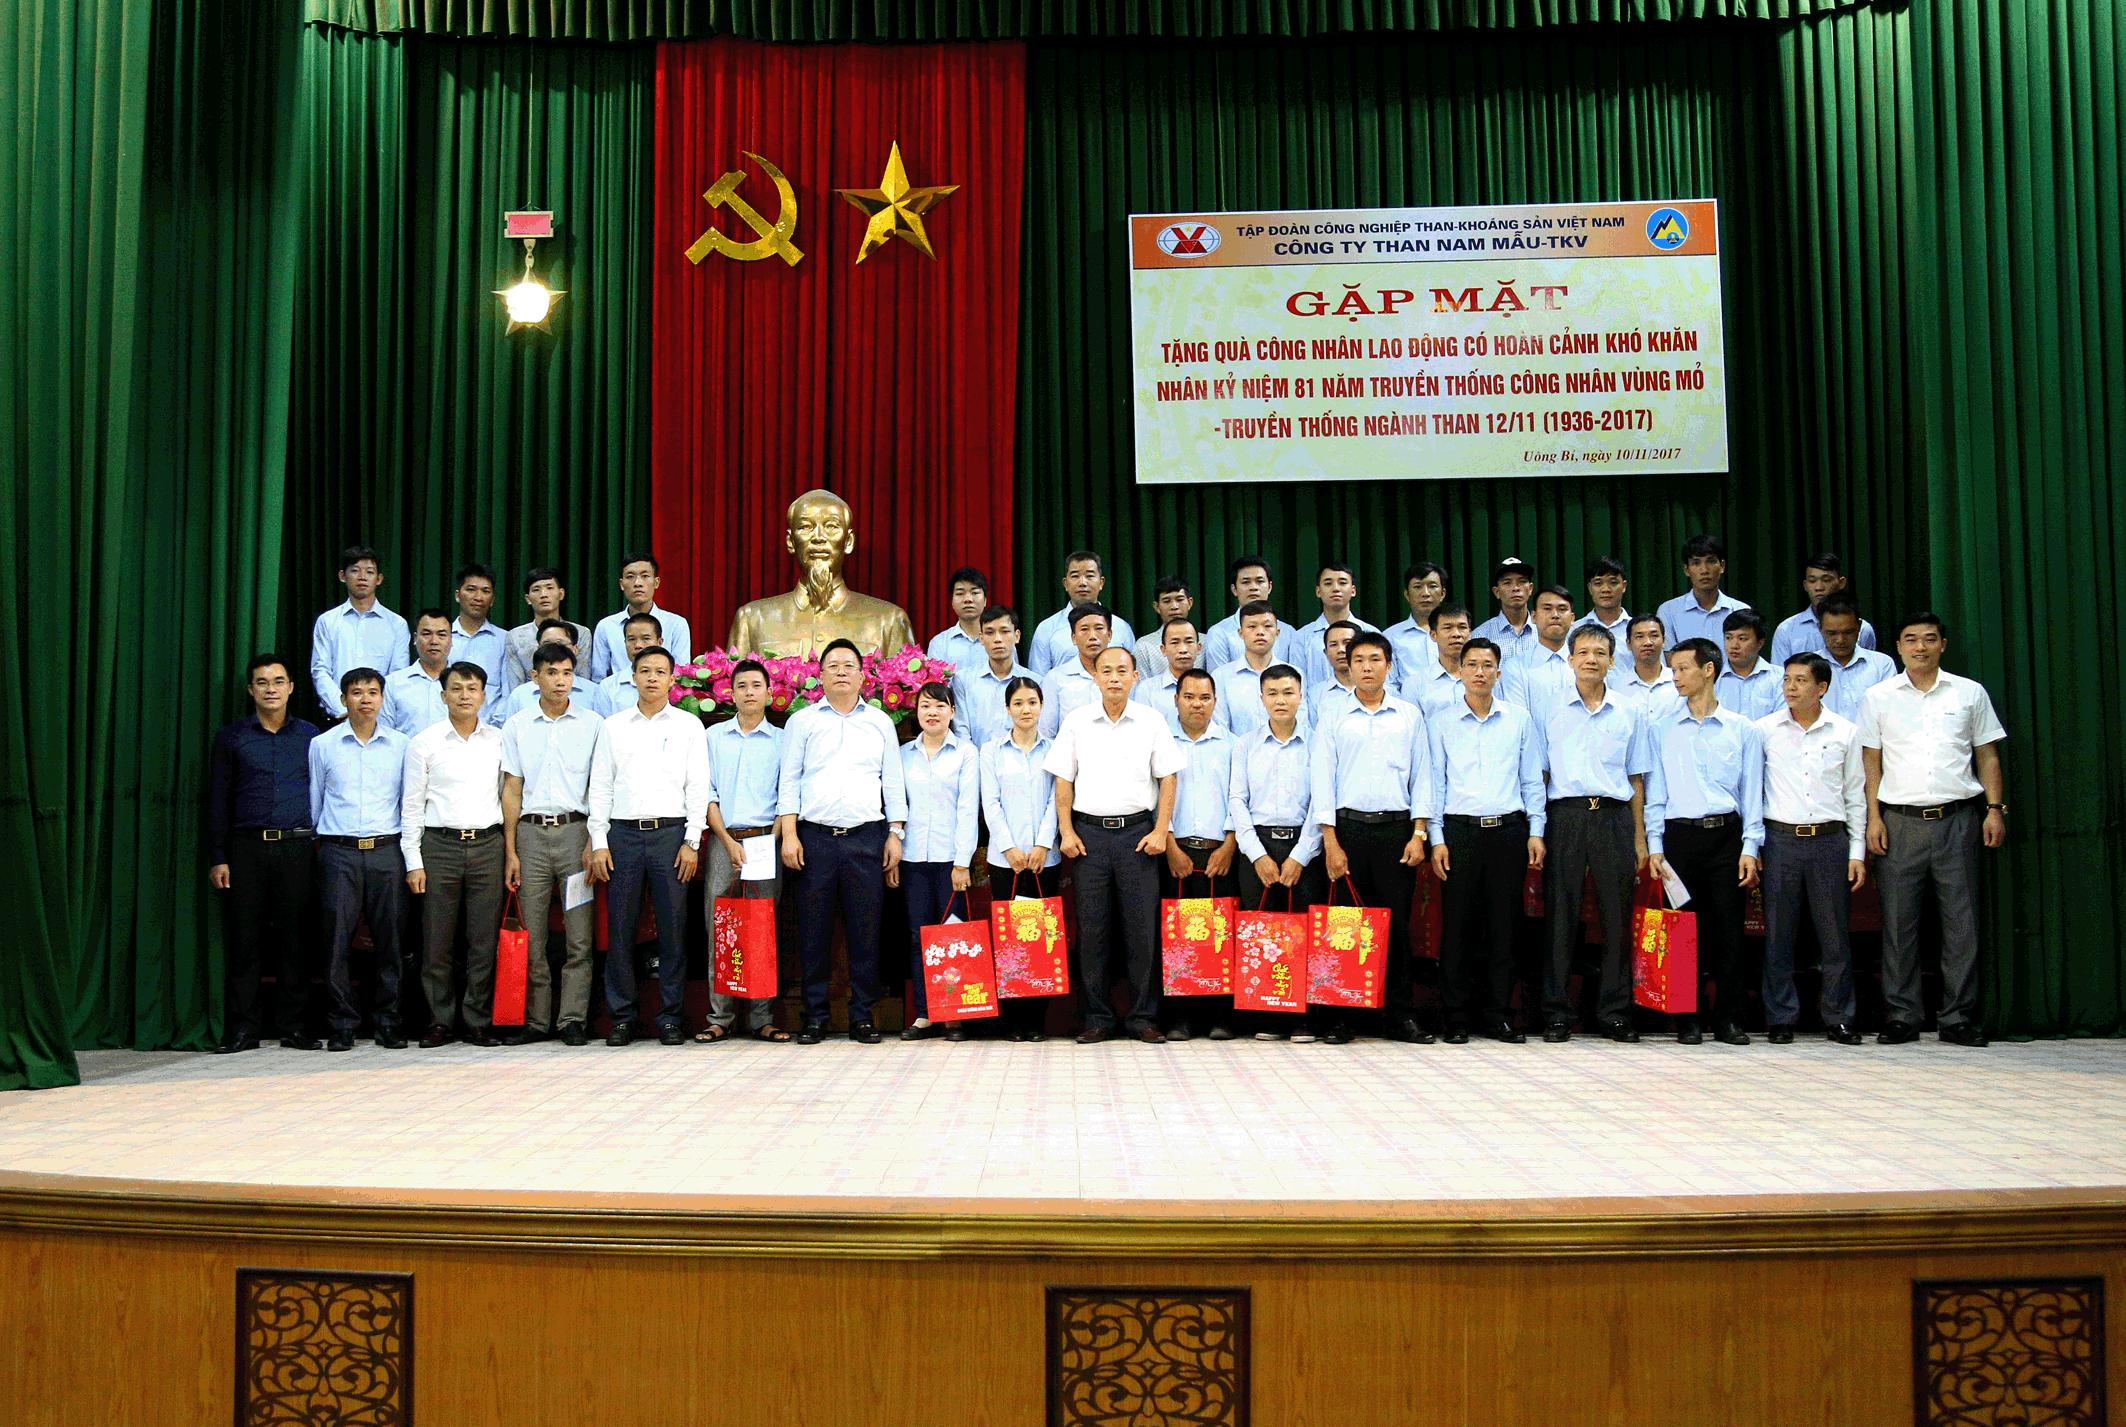 Các hoạt động nhân kỷ niệm 81 năm Truyền thống công nhân vùng mỏ Truyền thống ngành Than của Than N (6)